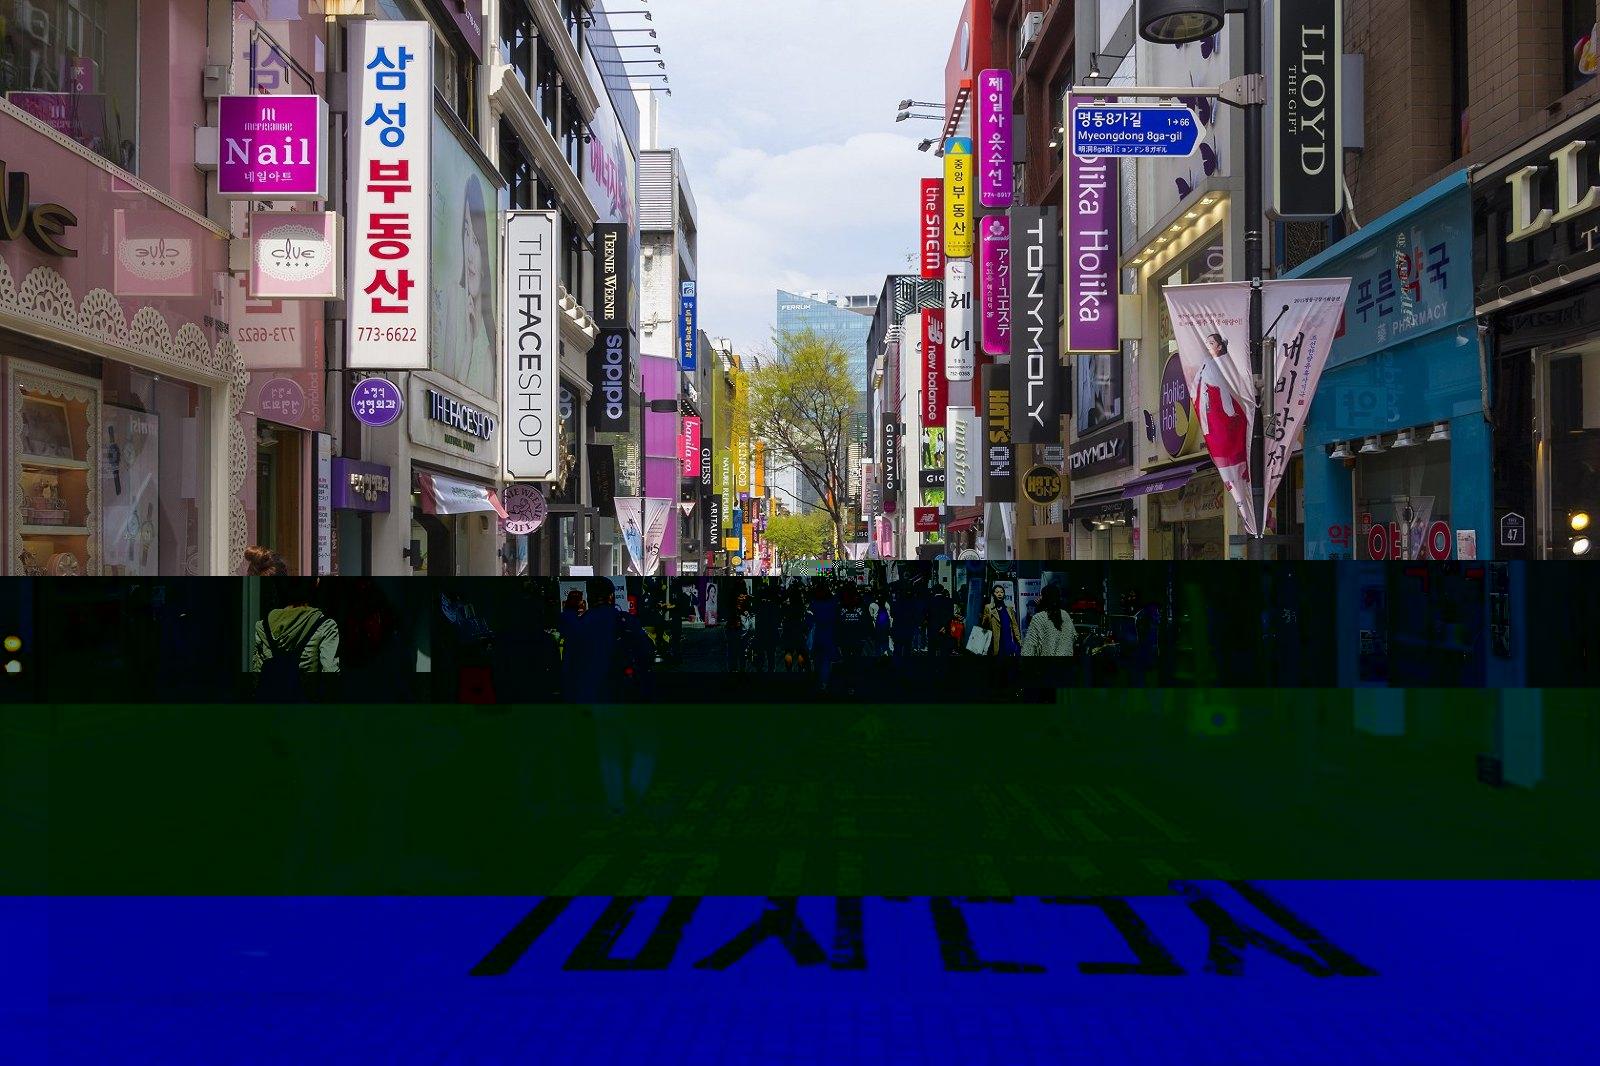 韩国留学经验分享  酸甜苦辣的打工经历